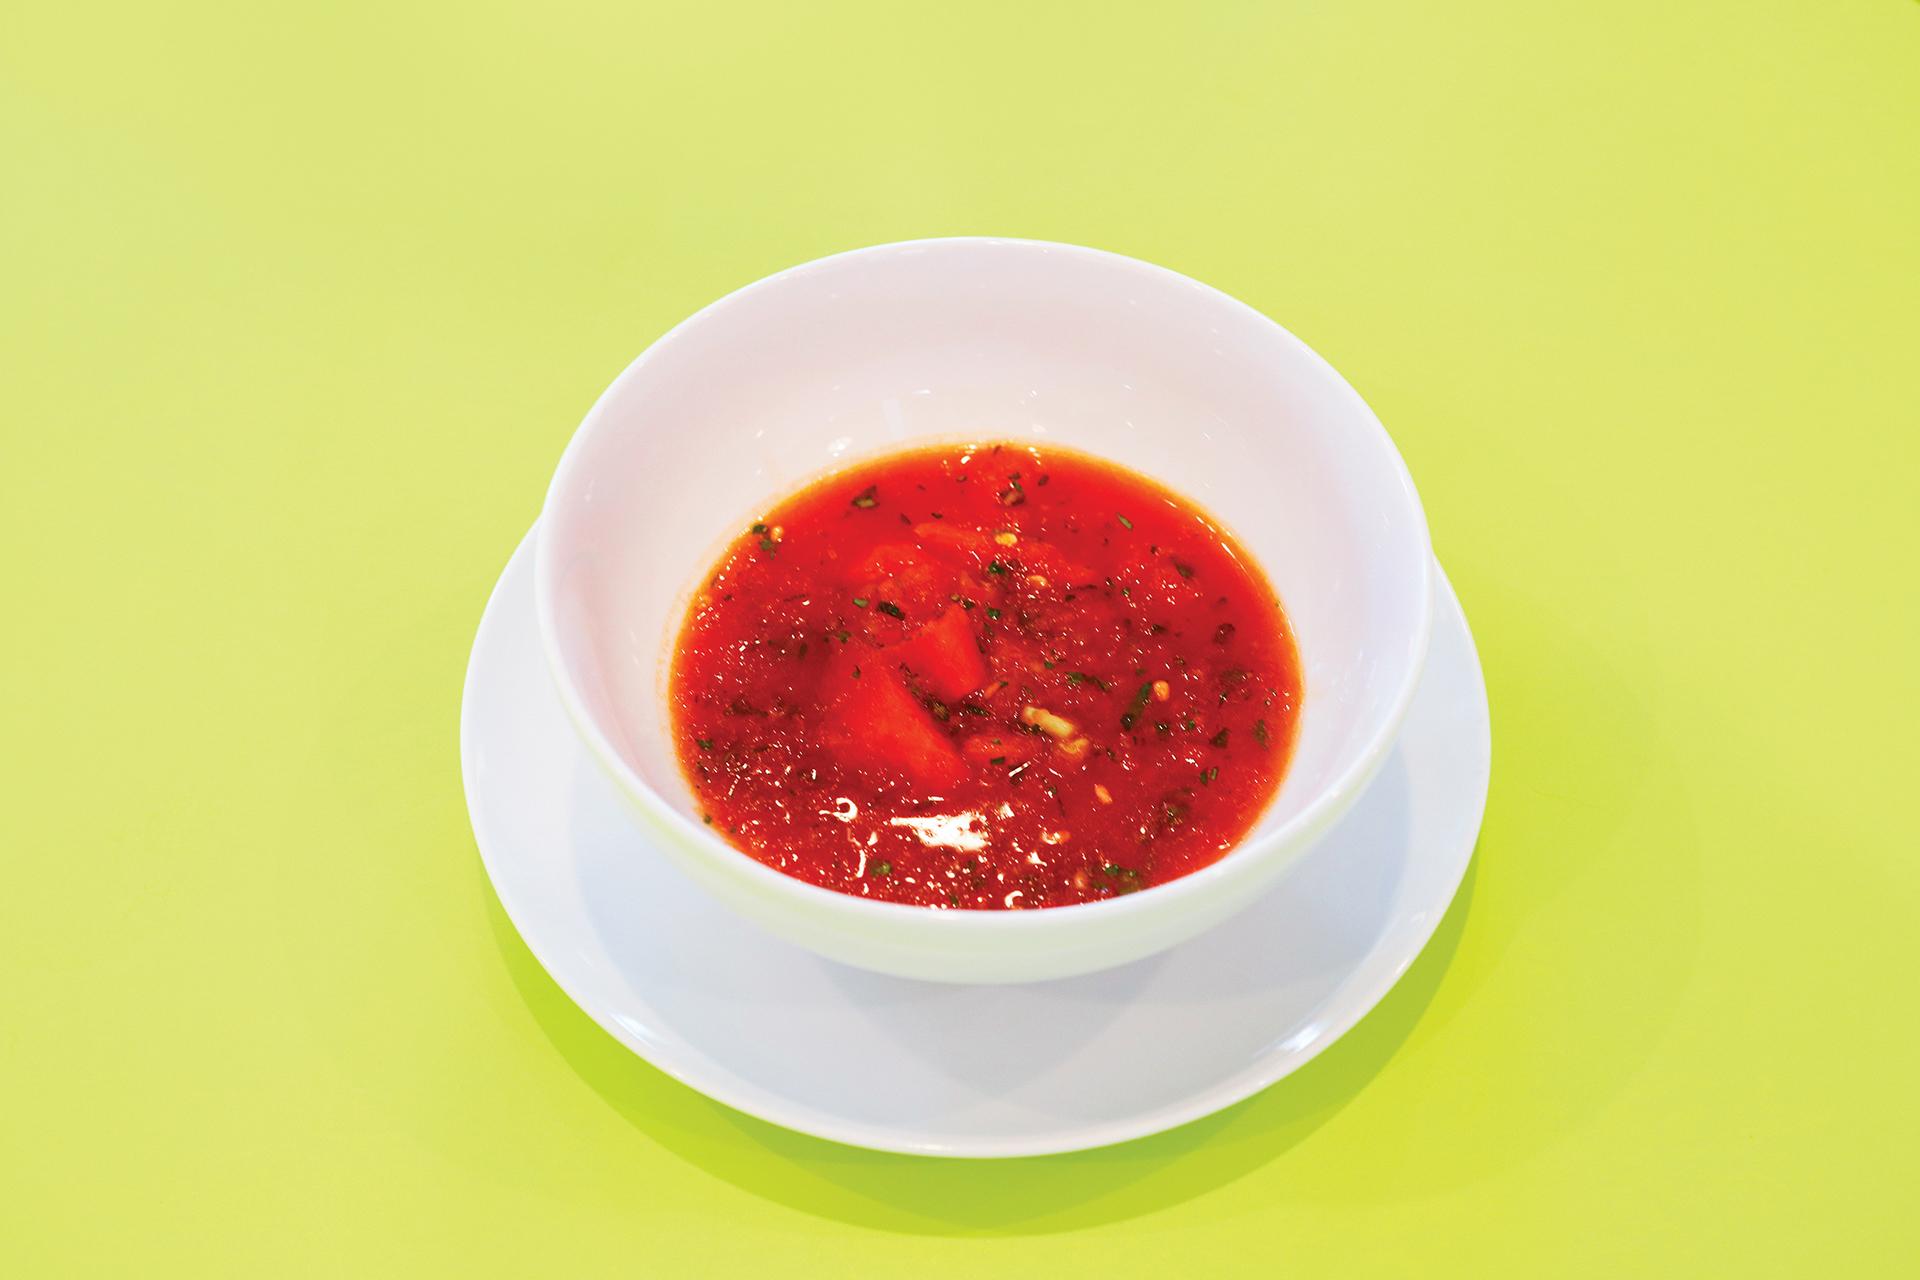 highlands-nc-restaurant-fire-water-soup